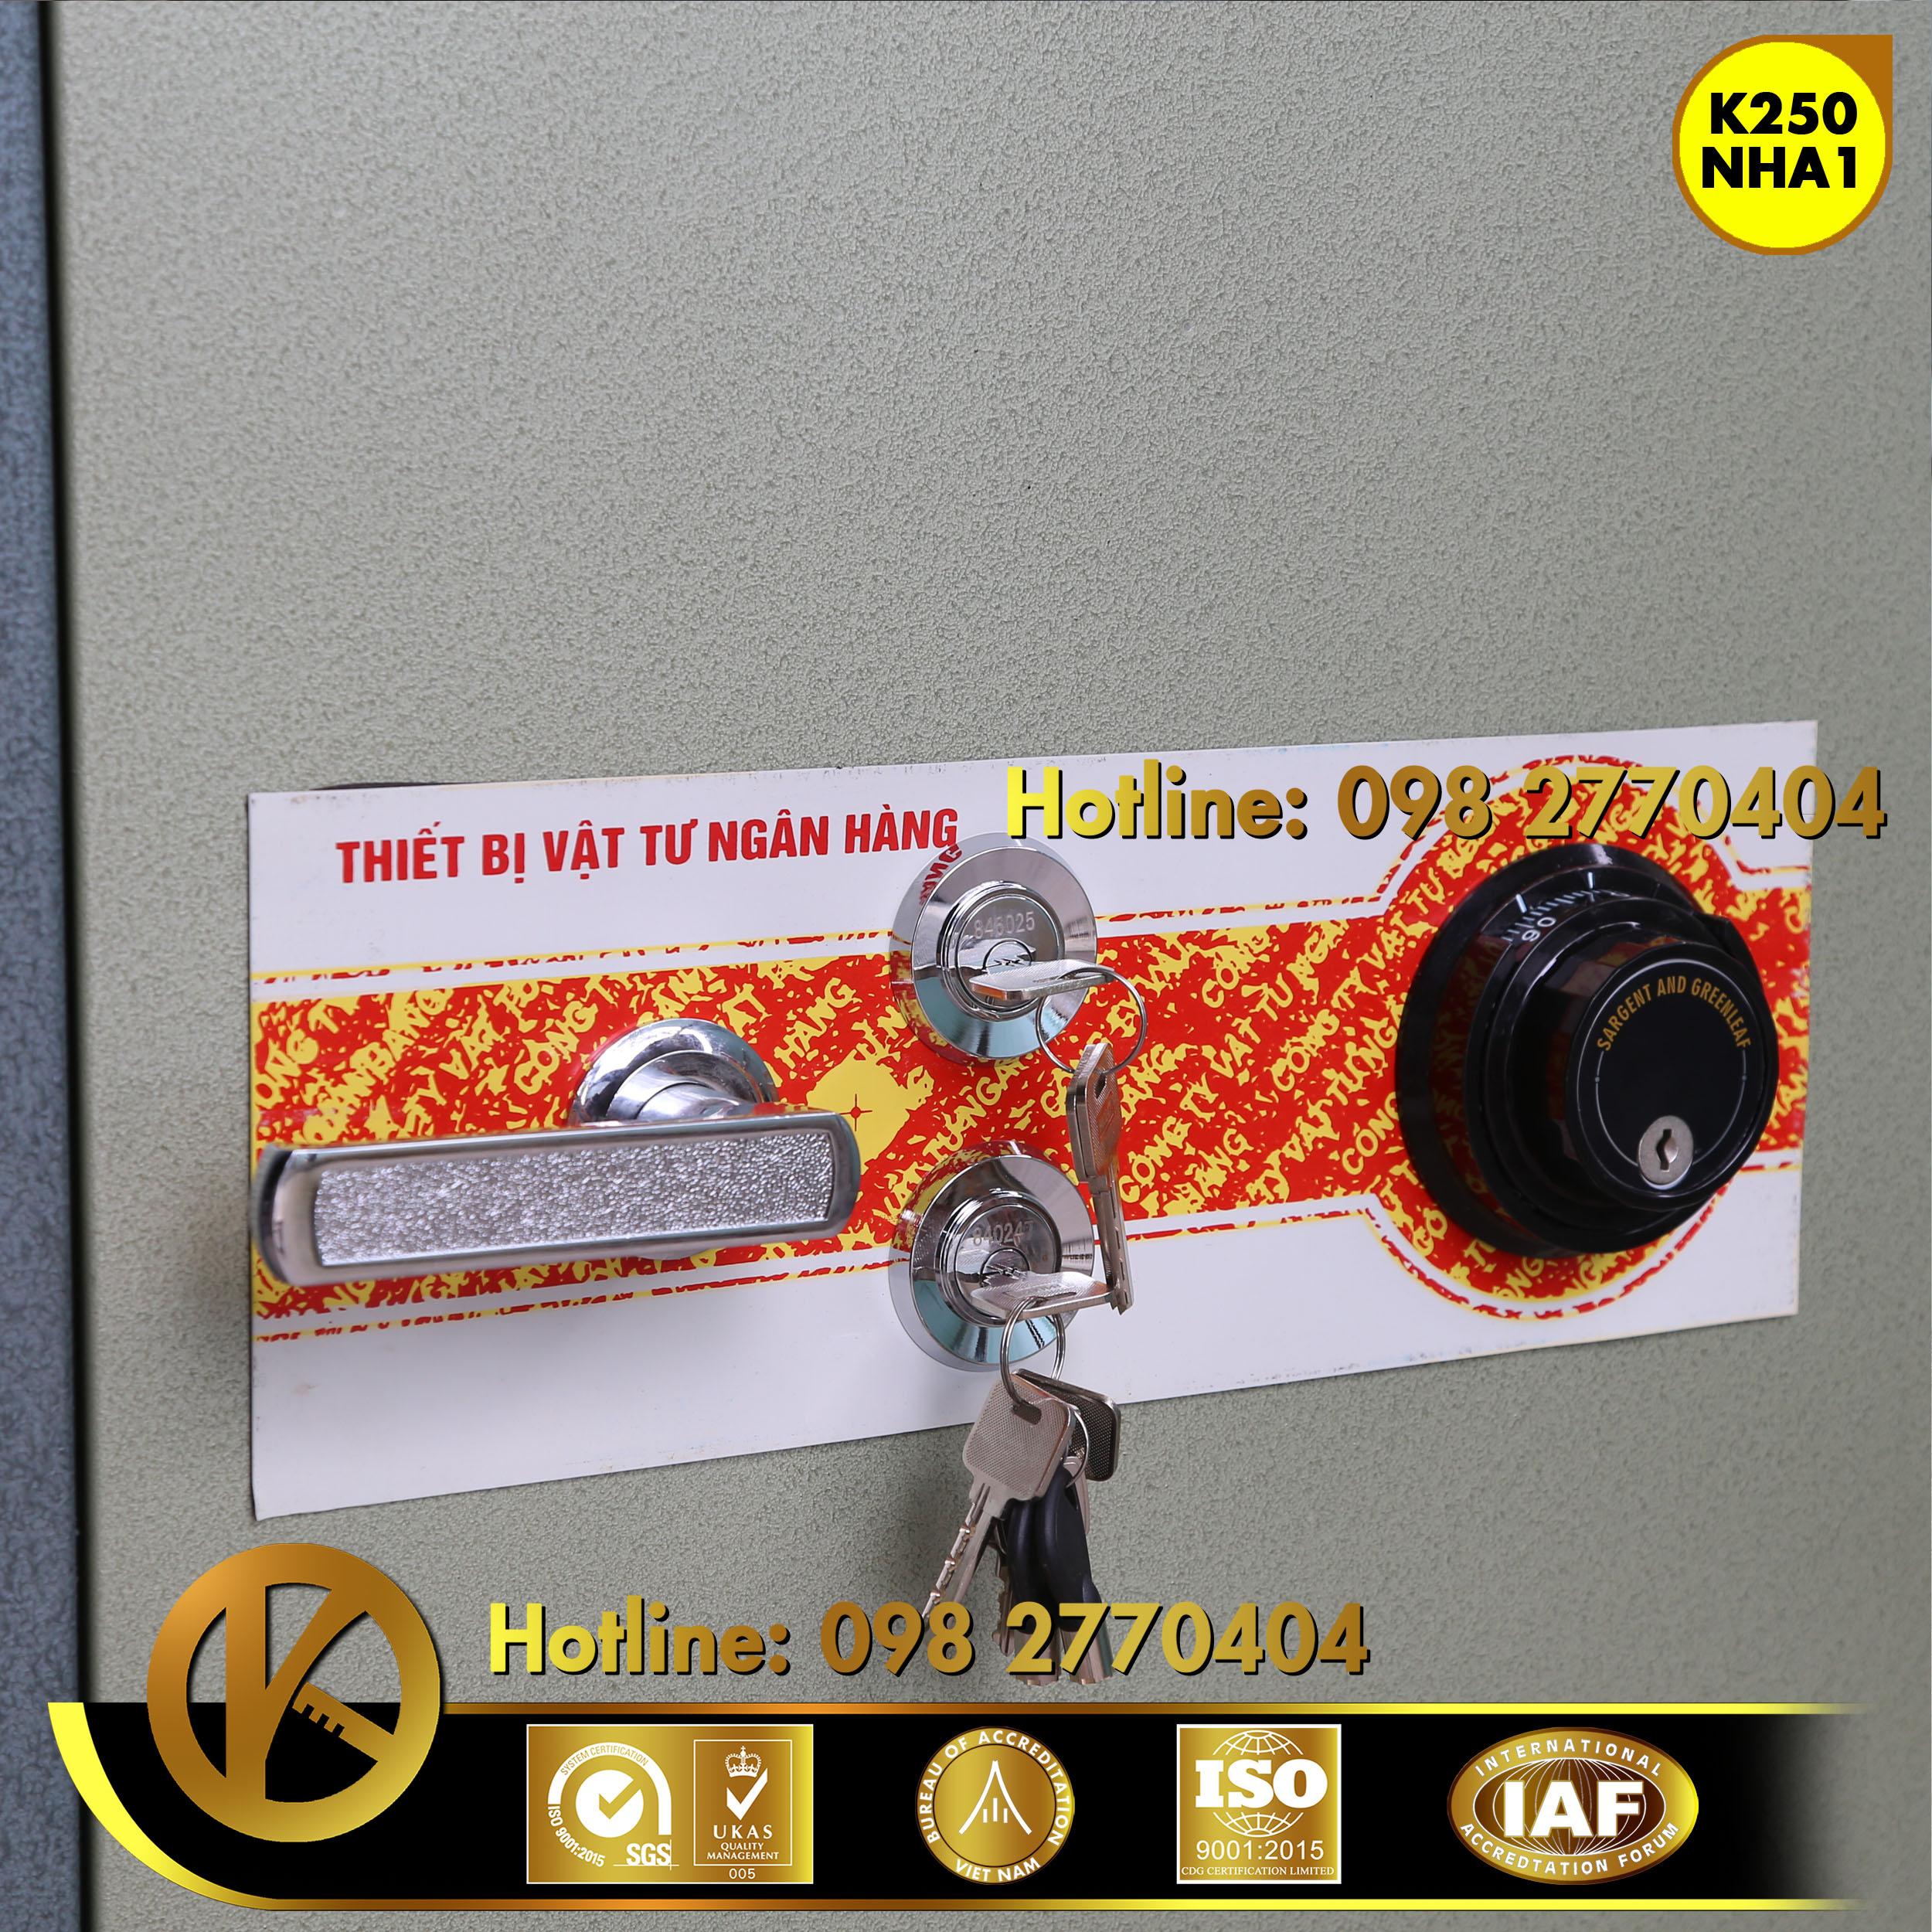 Két sắt ngân hàng K250 khóa đổi mã